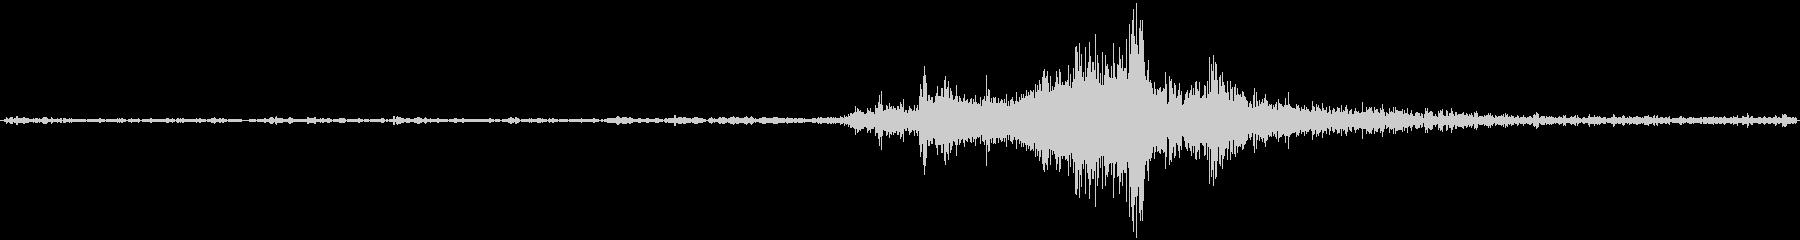 バイノーラル録音戦闘機3の未再生の波形